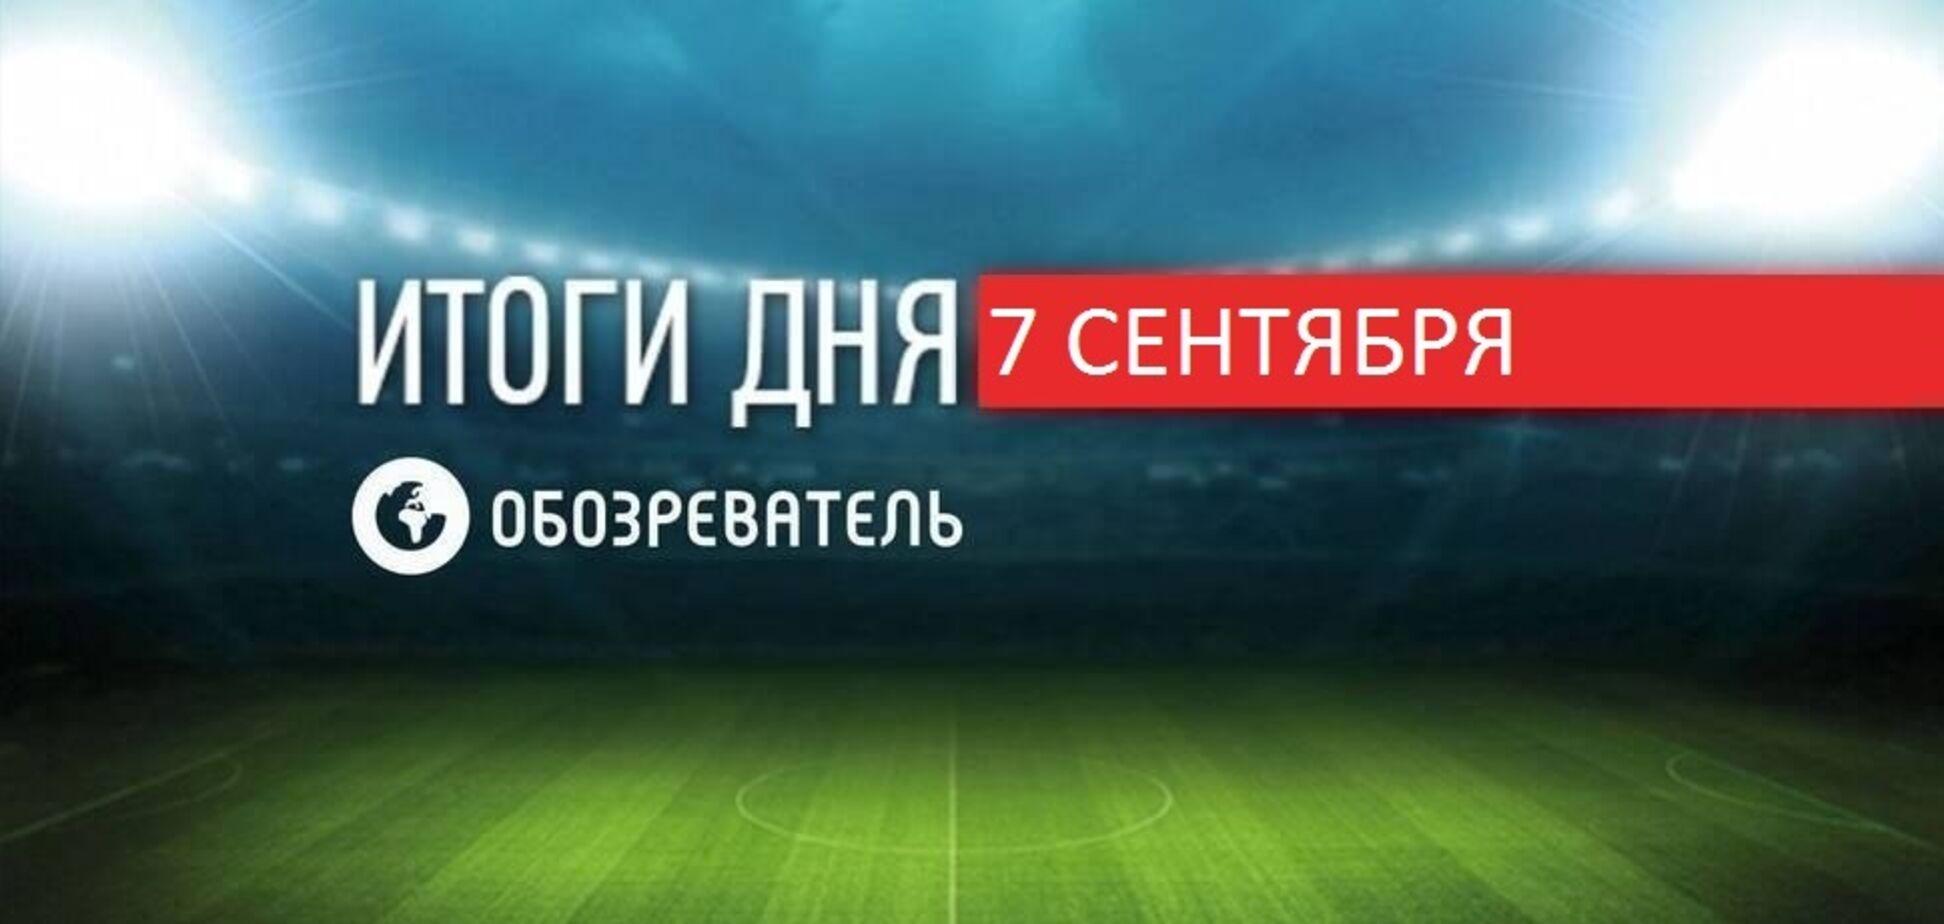 Редкач повідомив, що на нього напав Ломаченко: спортивні підсумки 7 вересня